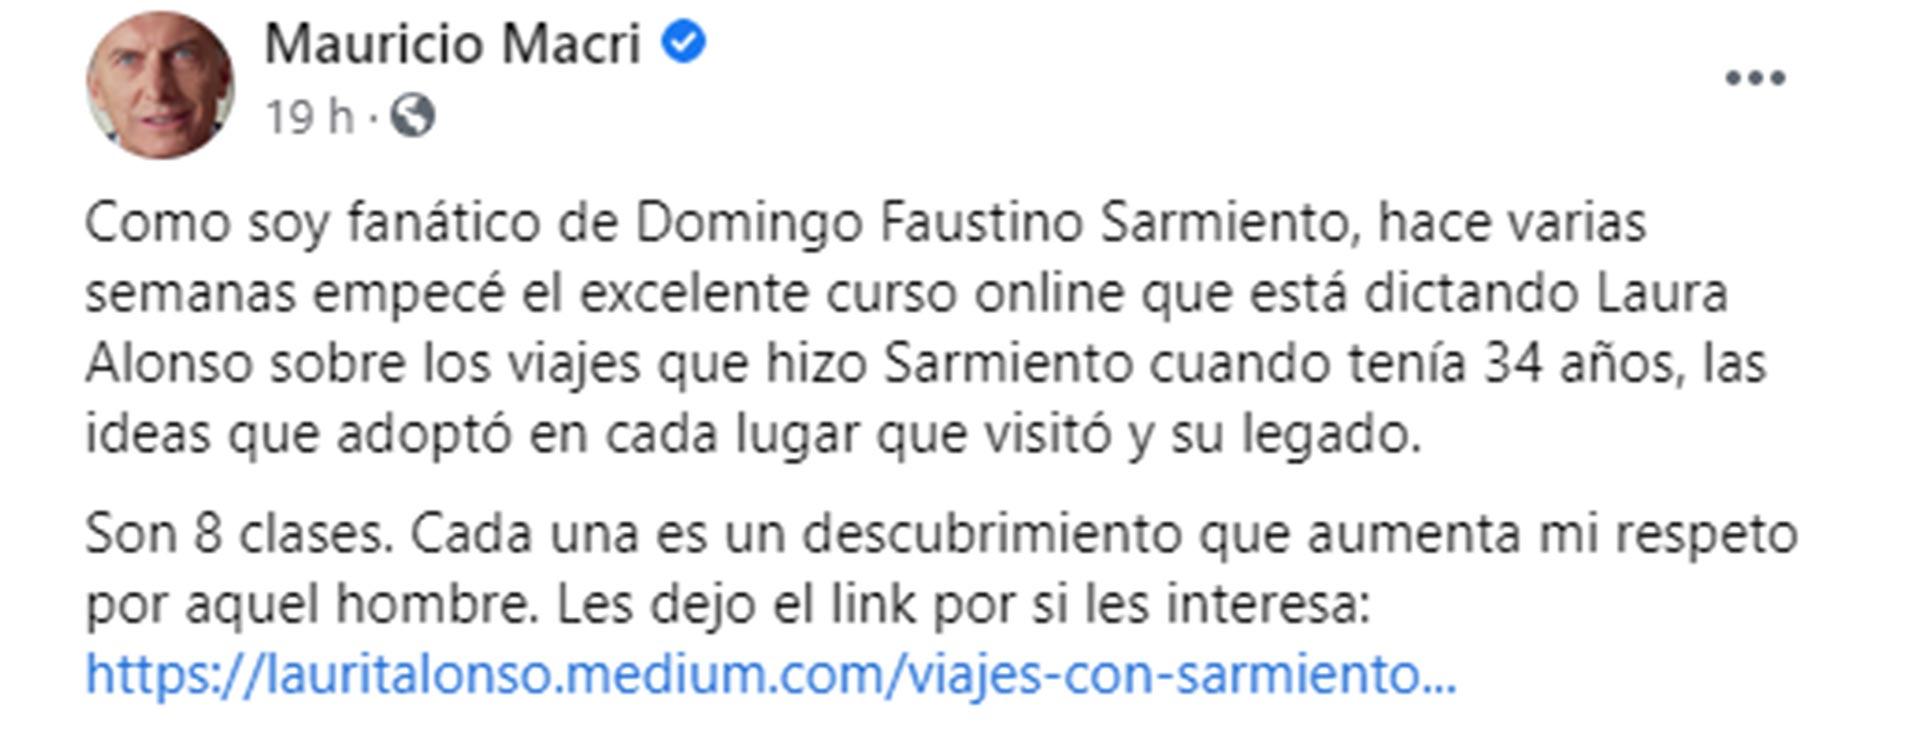 La publicación que hizo Mauricio Macri en su cuenta de Facebook